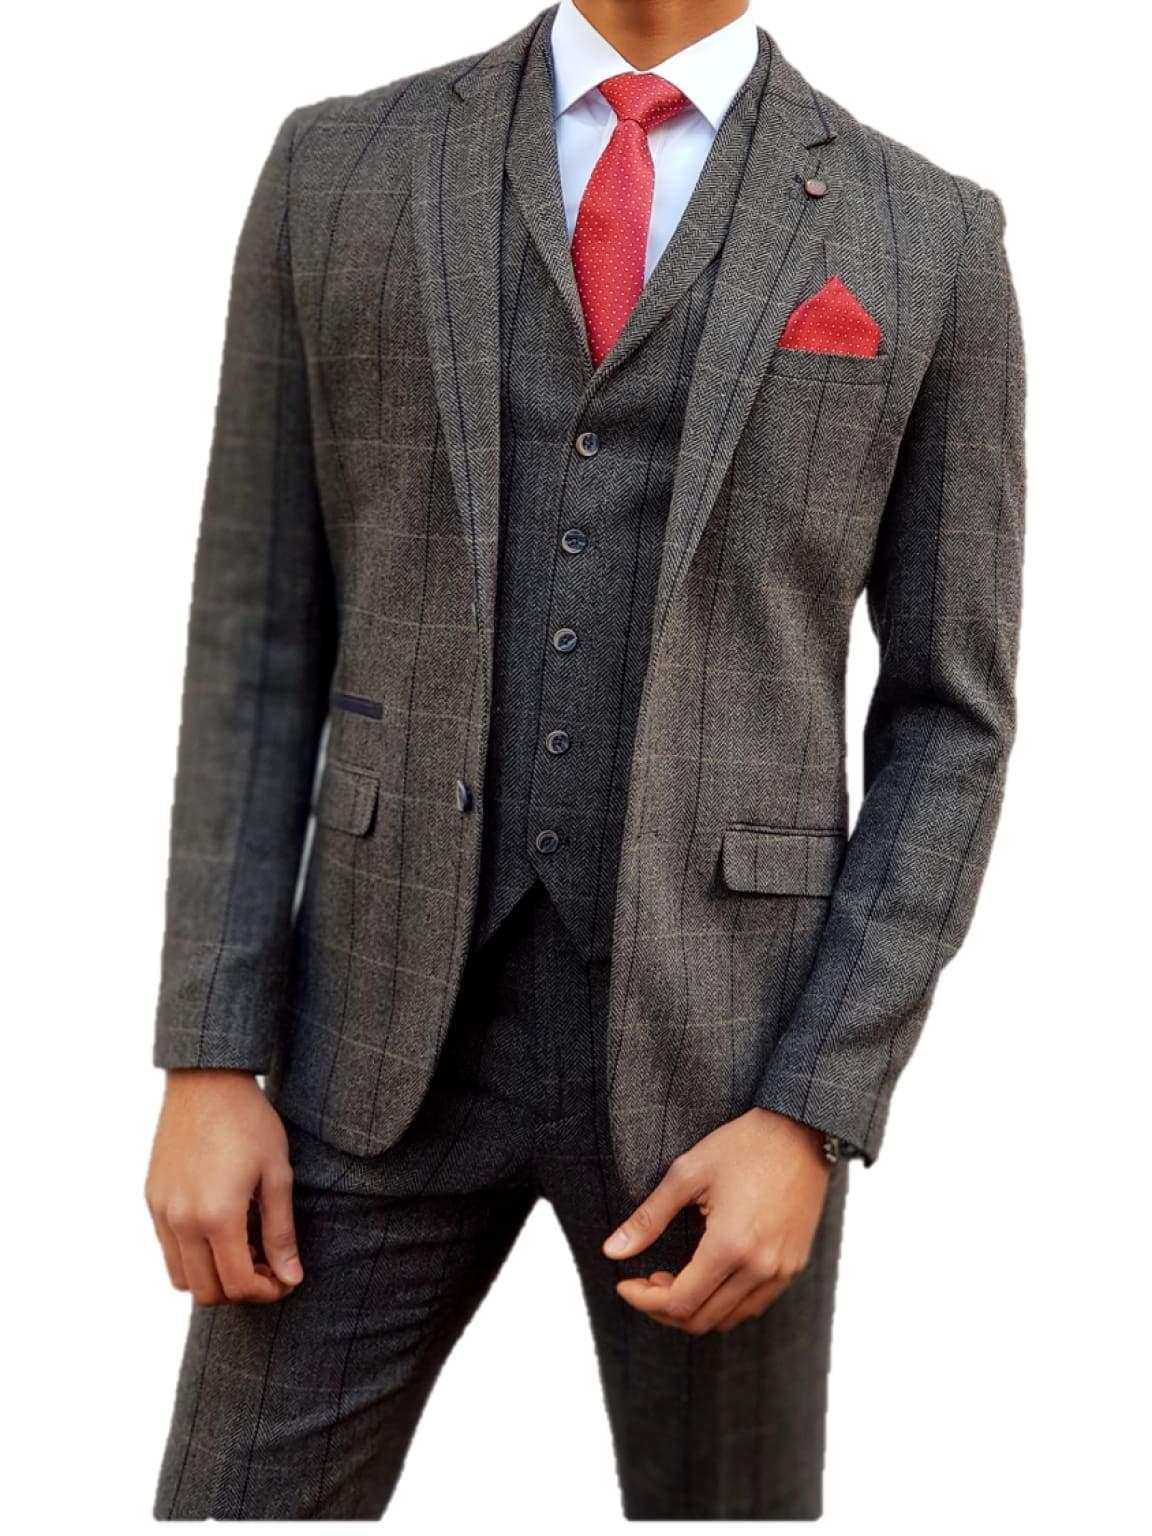 Grey Tweed Suit Albert 3 Piece Slim Fit by House of Cavani - Suit & Tailoring